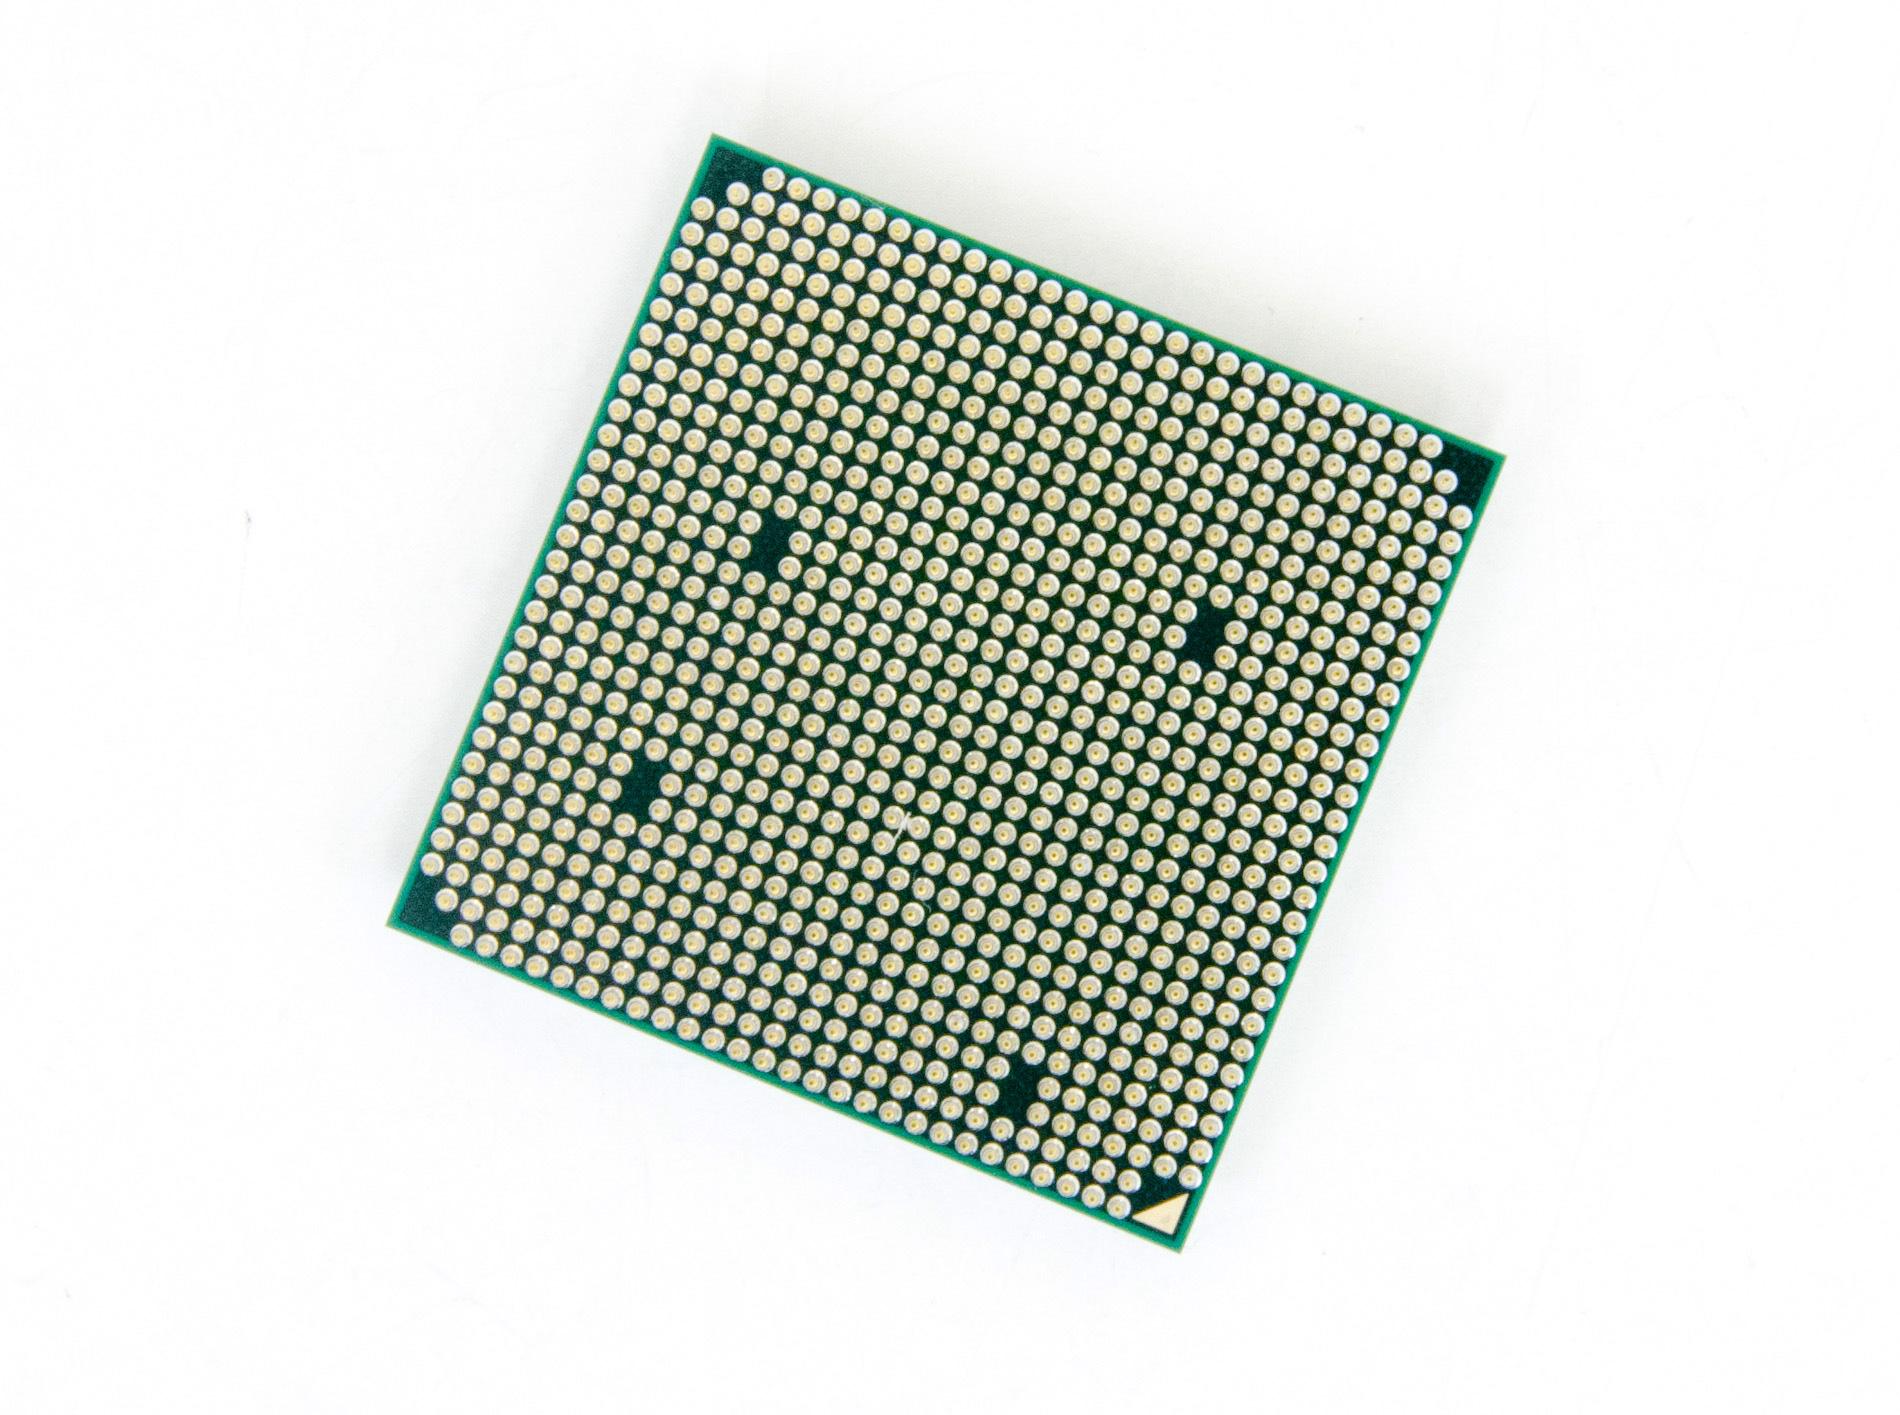 The Vishera Review: AMD FX-8350, FX-8320, FX-6300 and FX